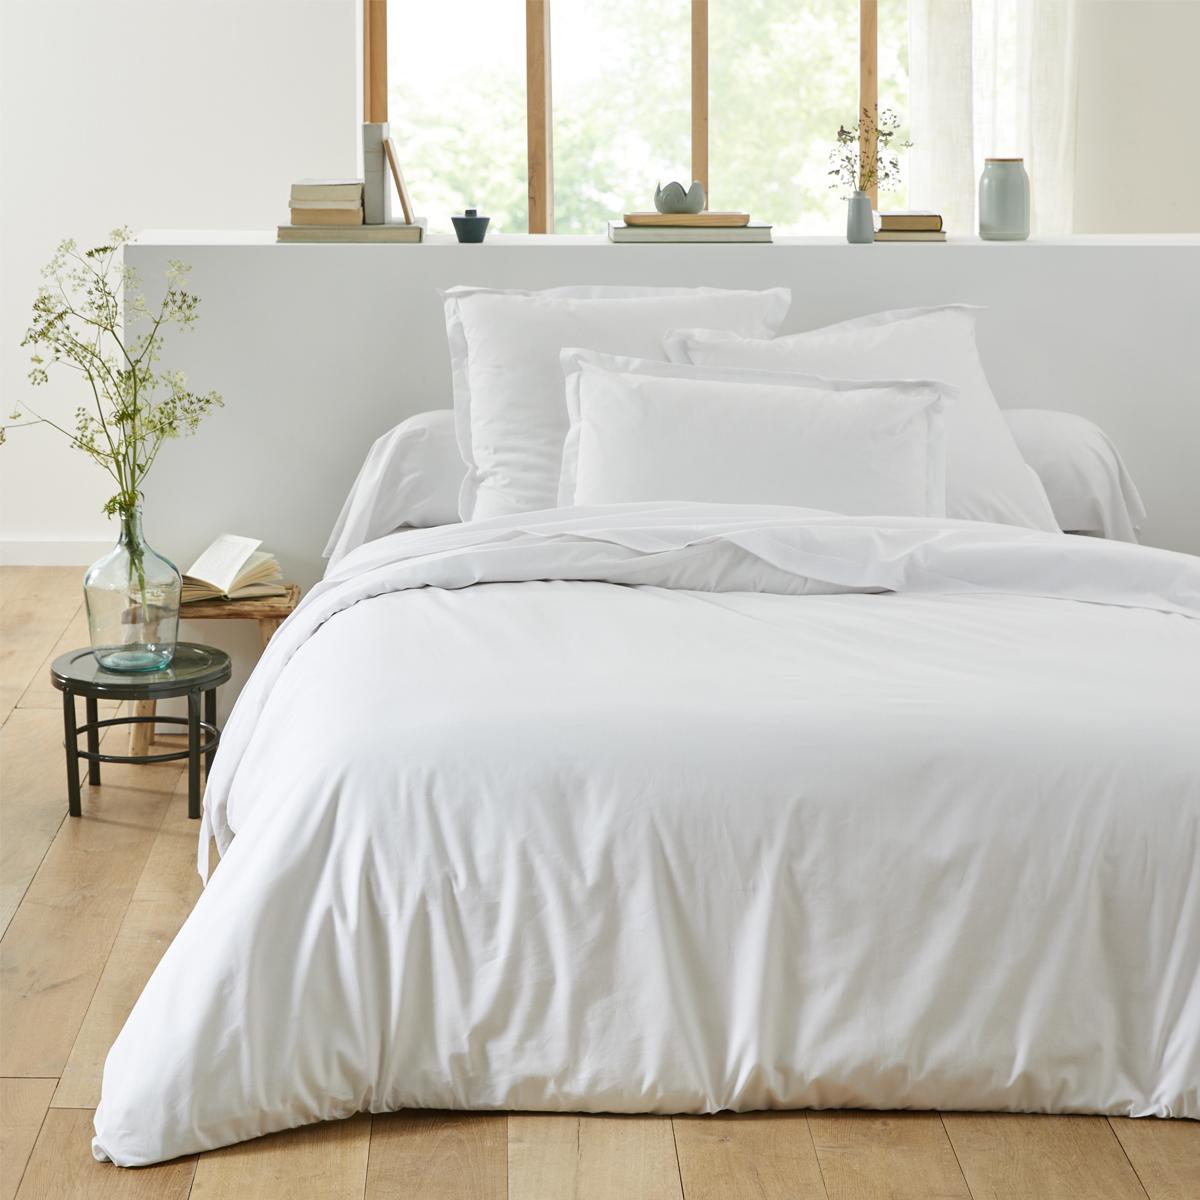 Housse de couette unie en coton blanc 240x220